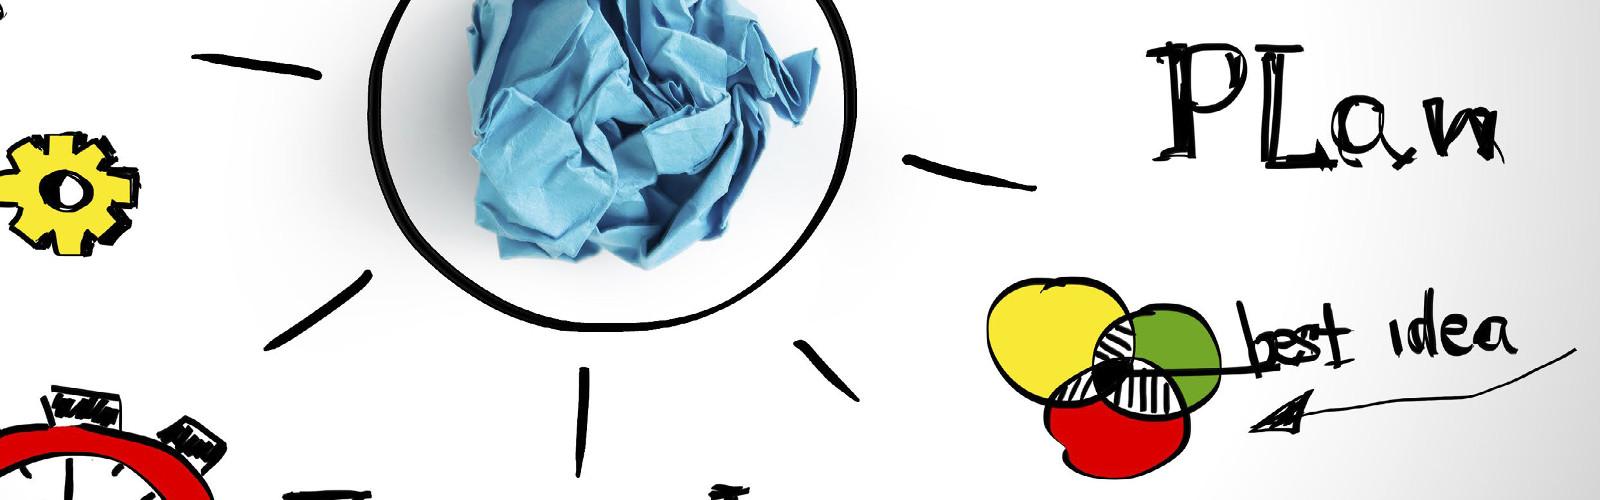 Das Bild ist eine Skizze. Im Zentrum ist eine Glühbirne als Symbol für Ideen zu sehen. In dieser Glühbirne liegt ein zerknülltes Stück Papier.